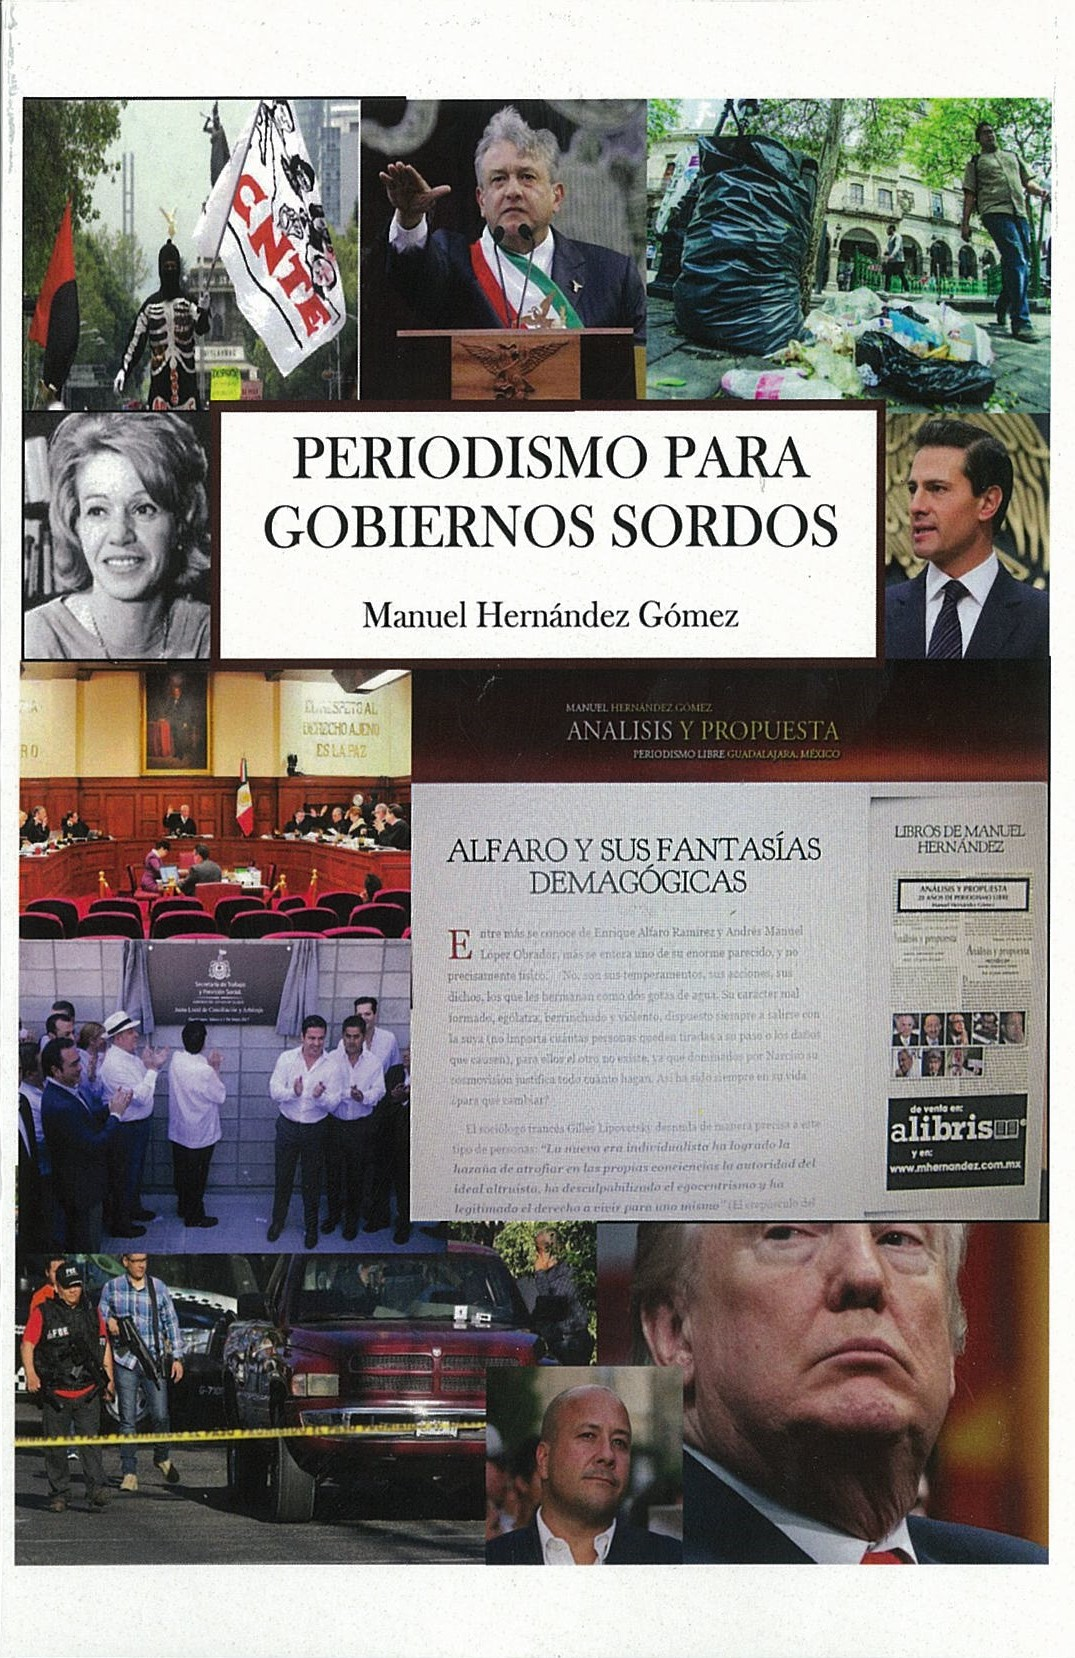 Periodismo para gobiernos sordos